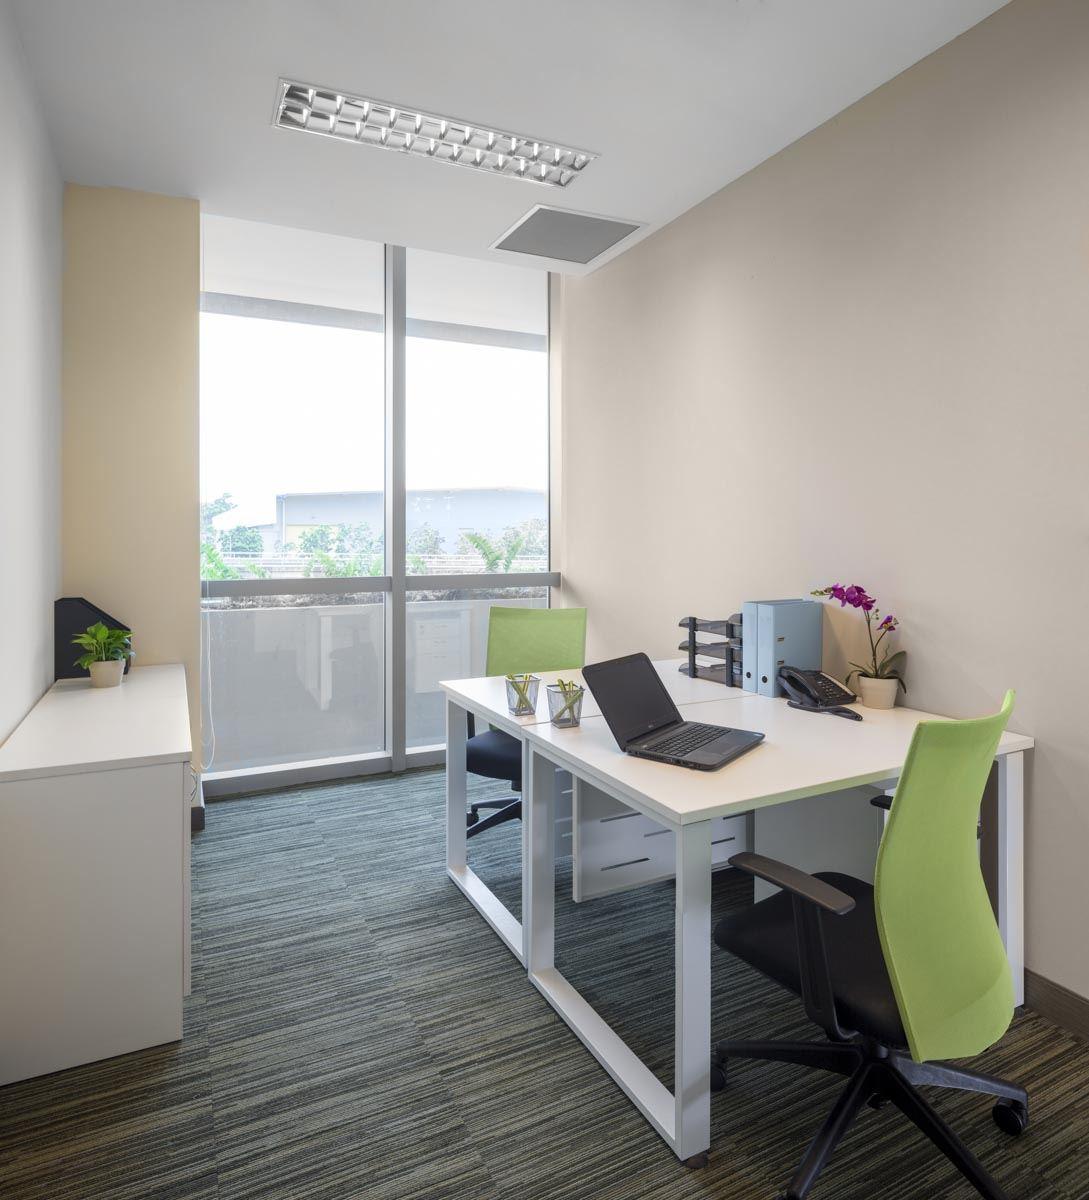 Rent Department: Park Avenue Changi Business Park